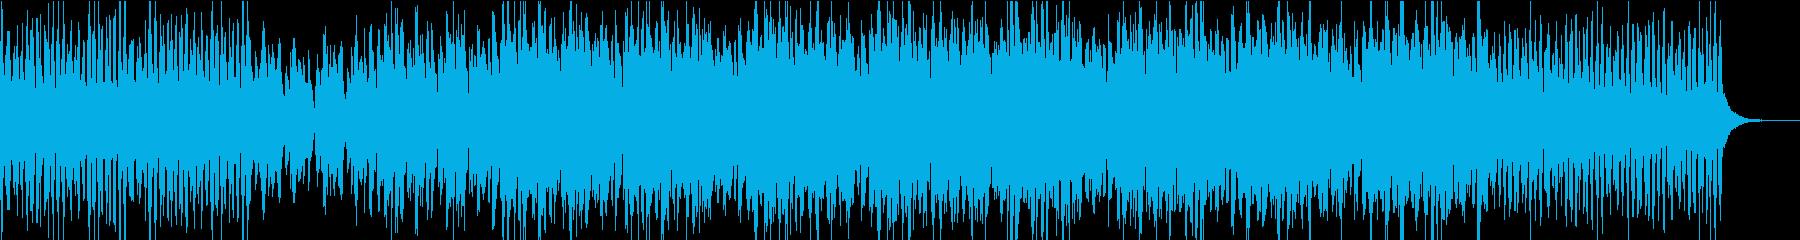 RPGボス戦等に 緊迫感あるオーケストラの再生済みの波形